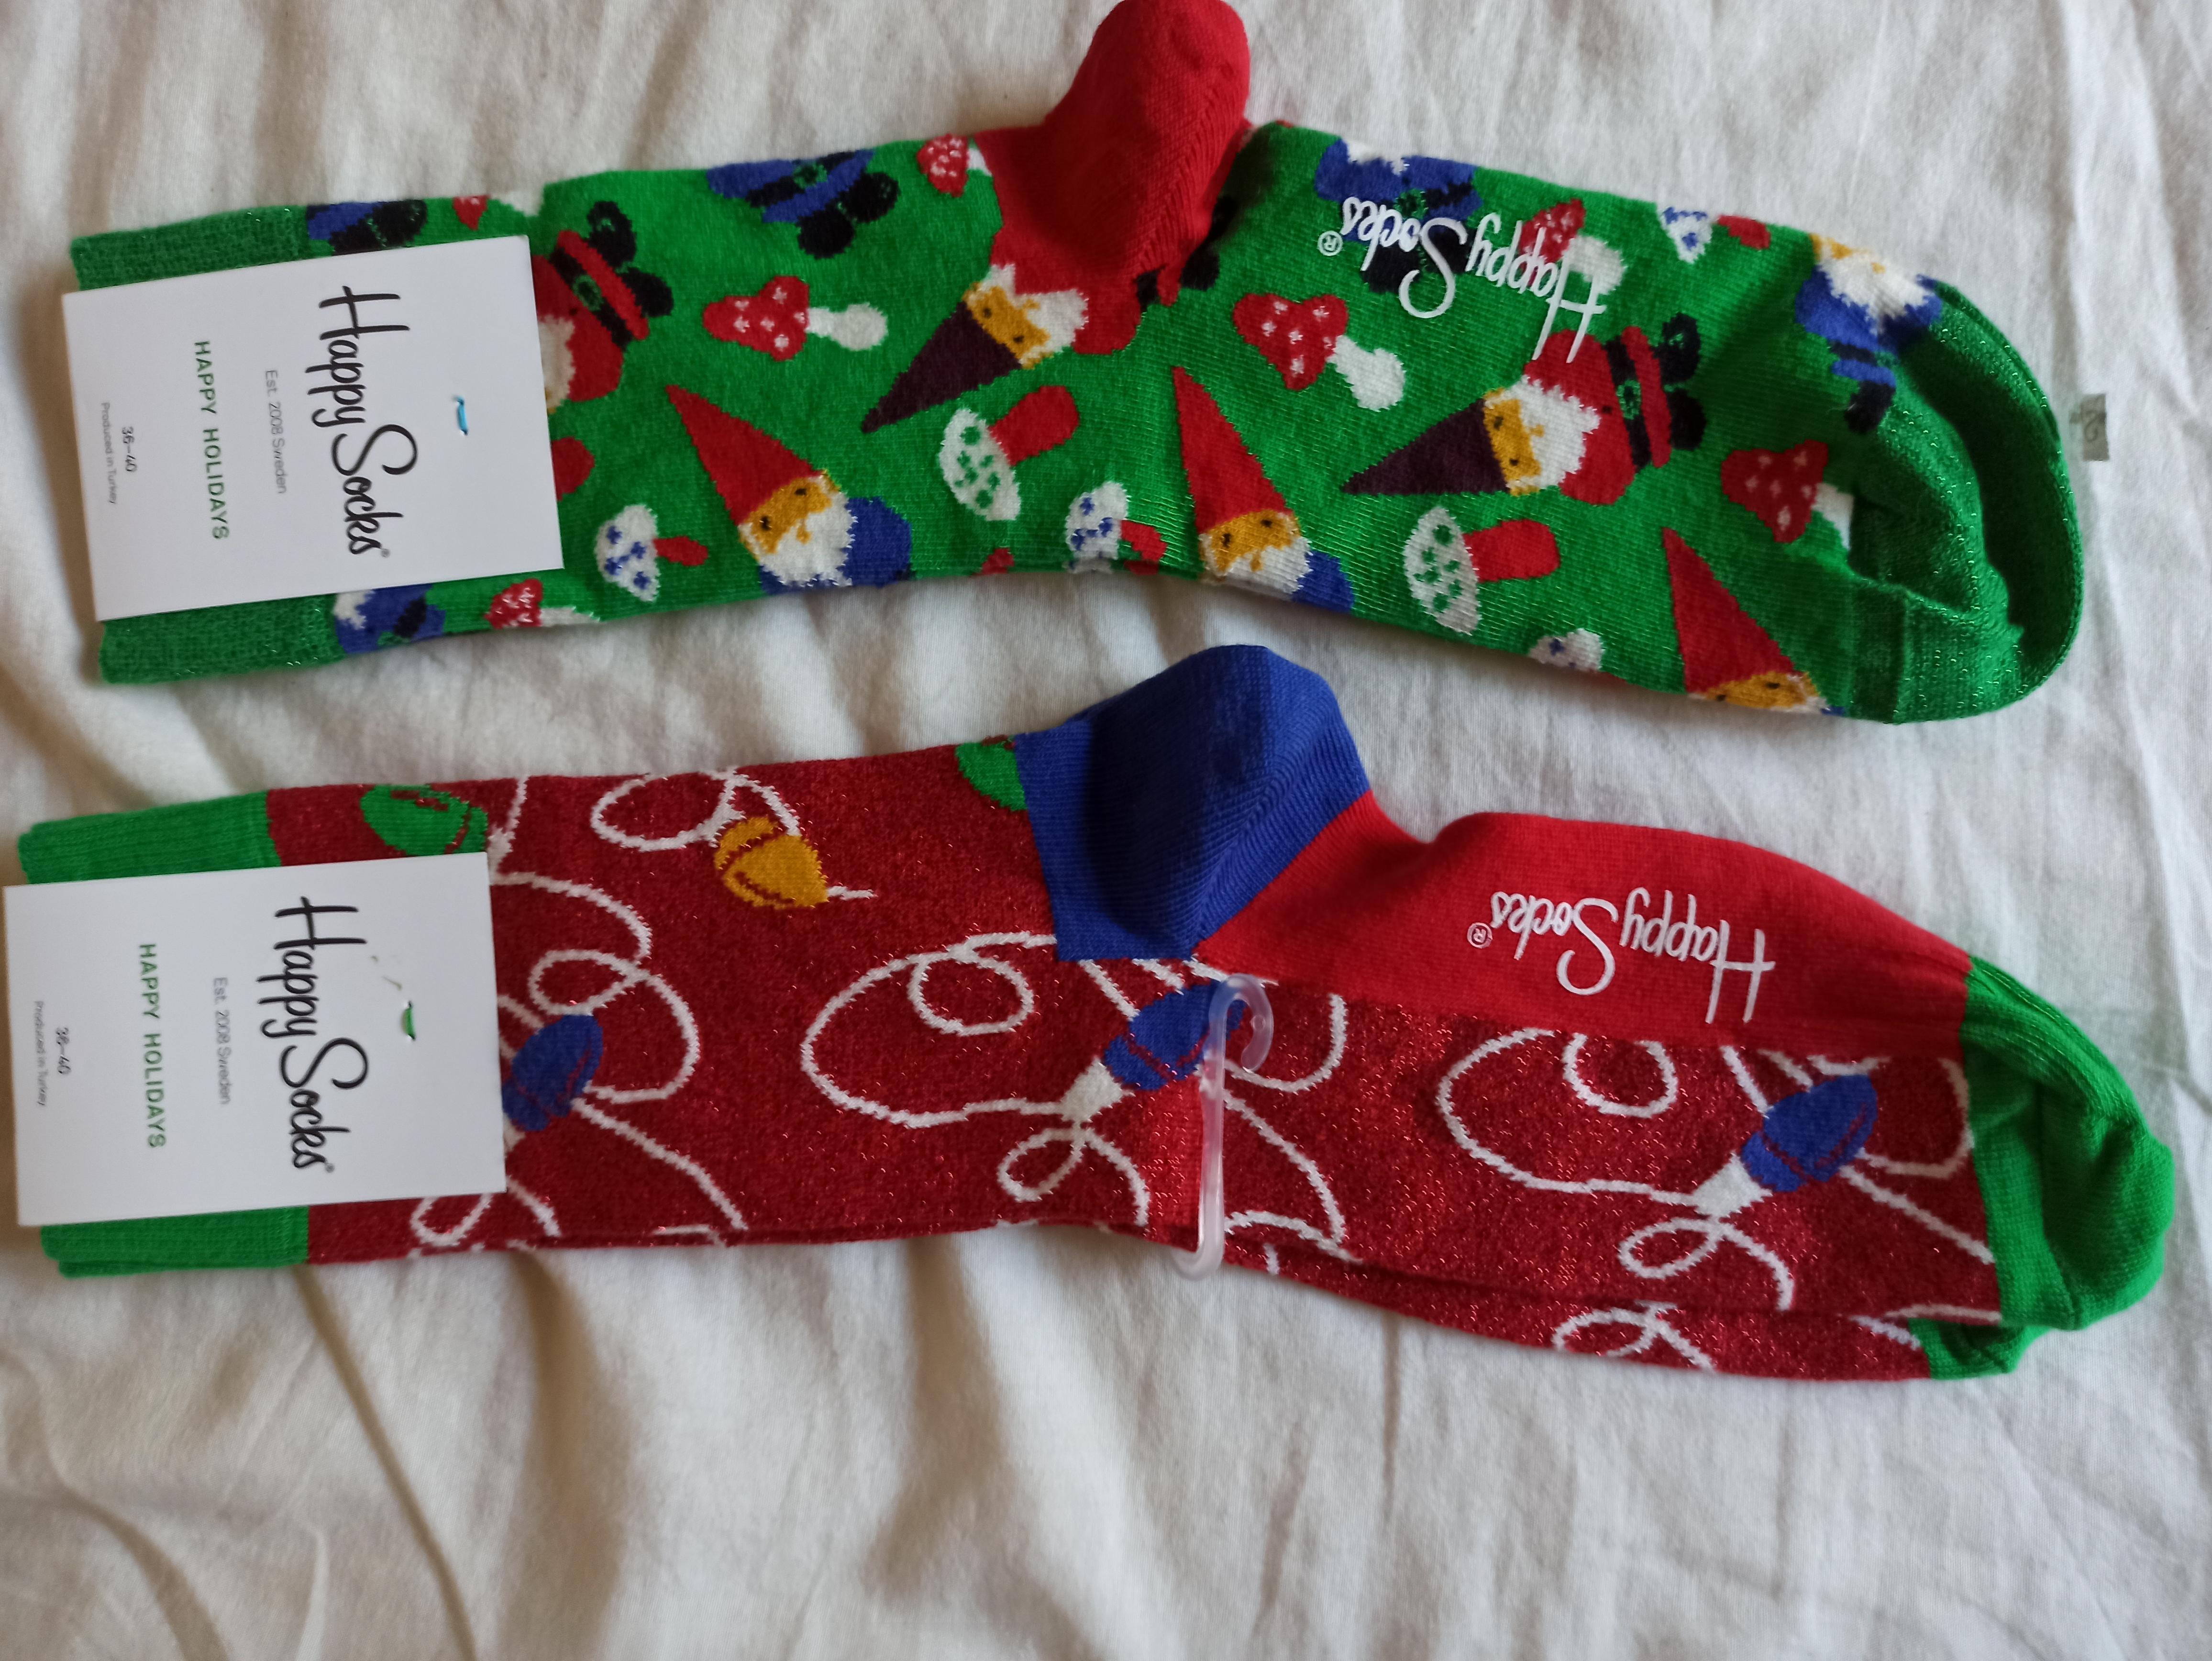 Happy Socks in-store bij Kruidvat €1.99 per paar.